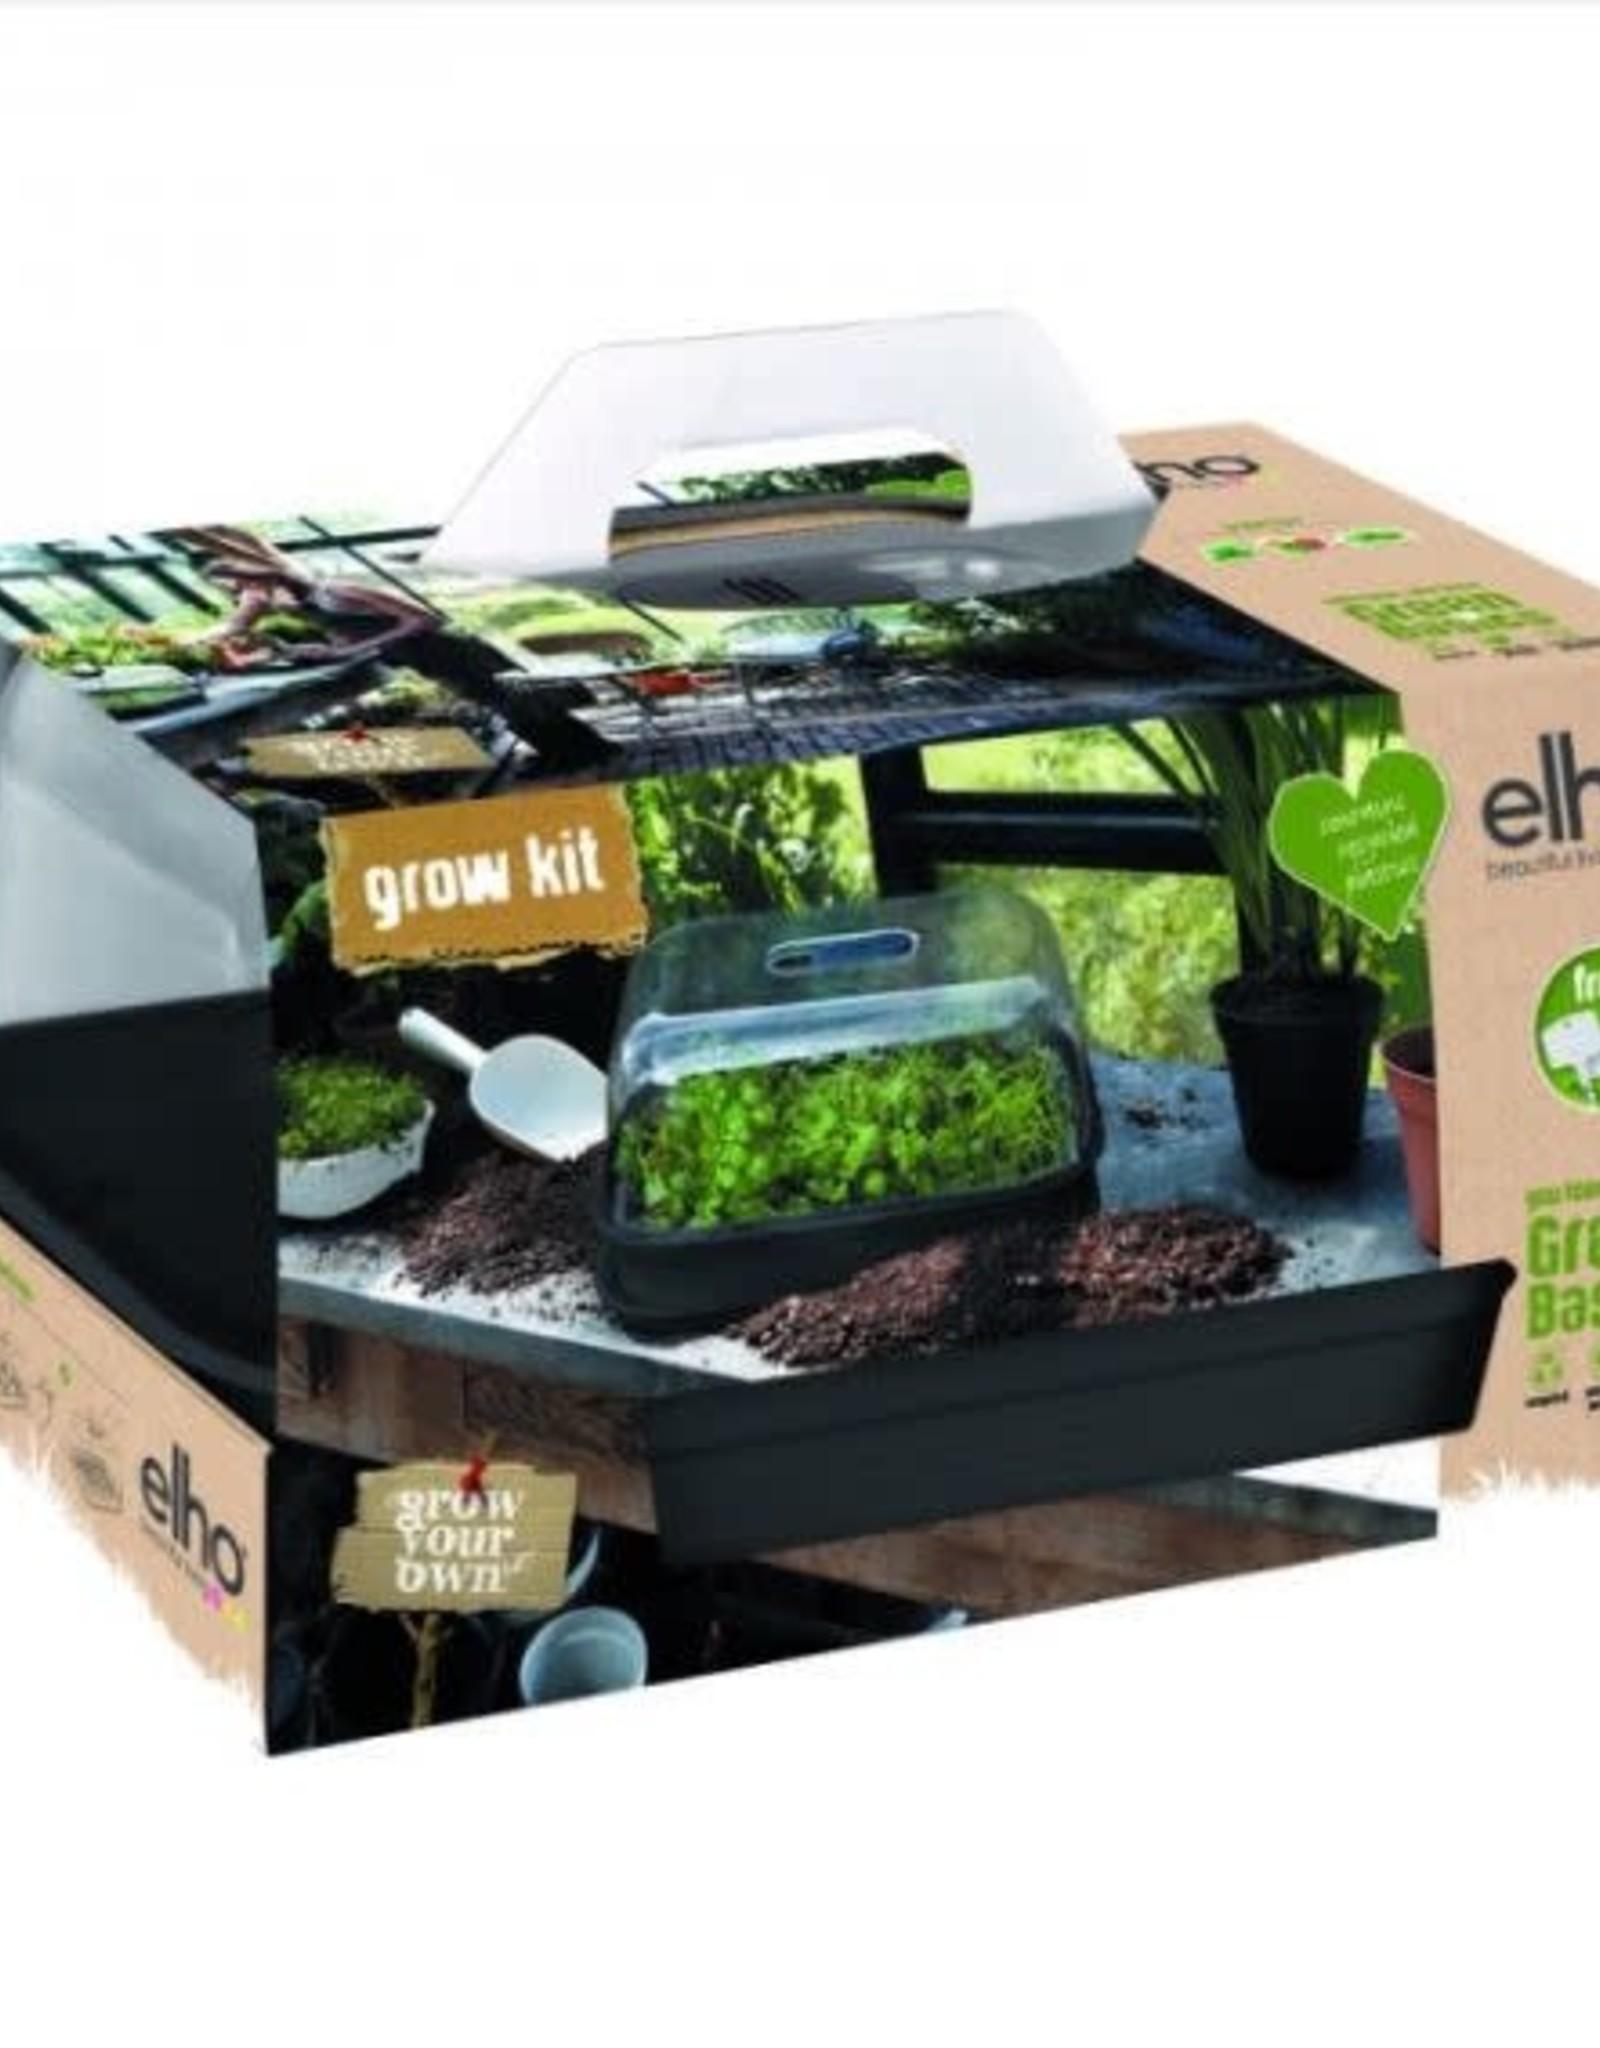 Elho Green Basics Grow Kit All-In-1 Living